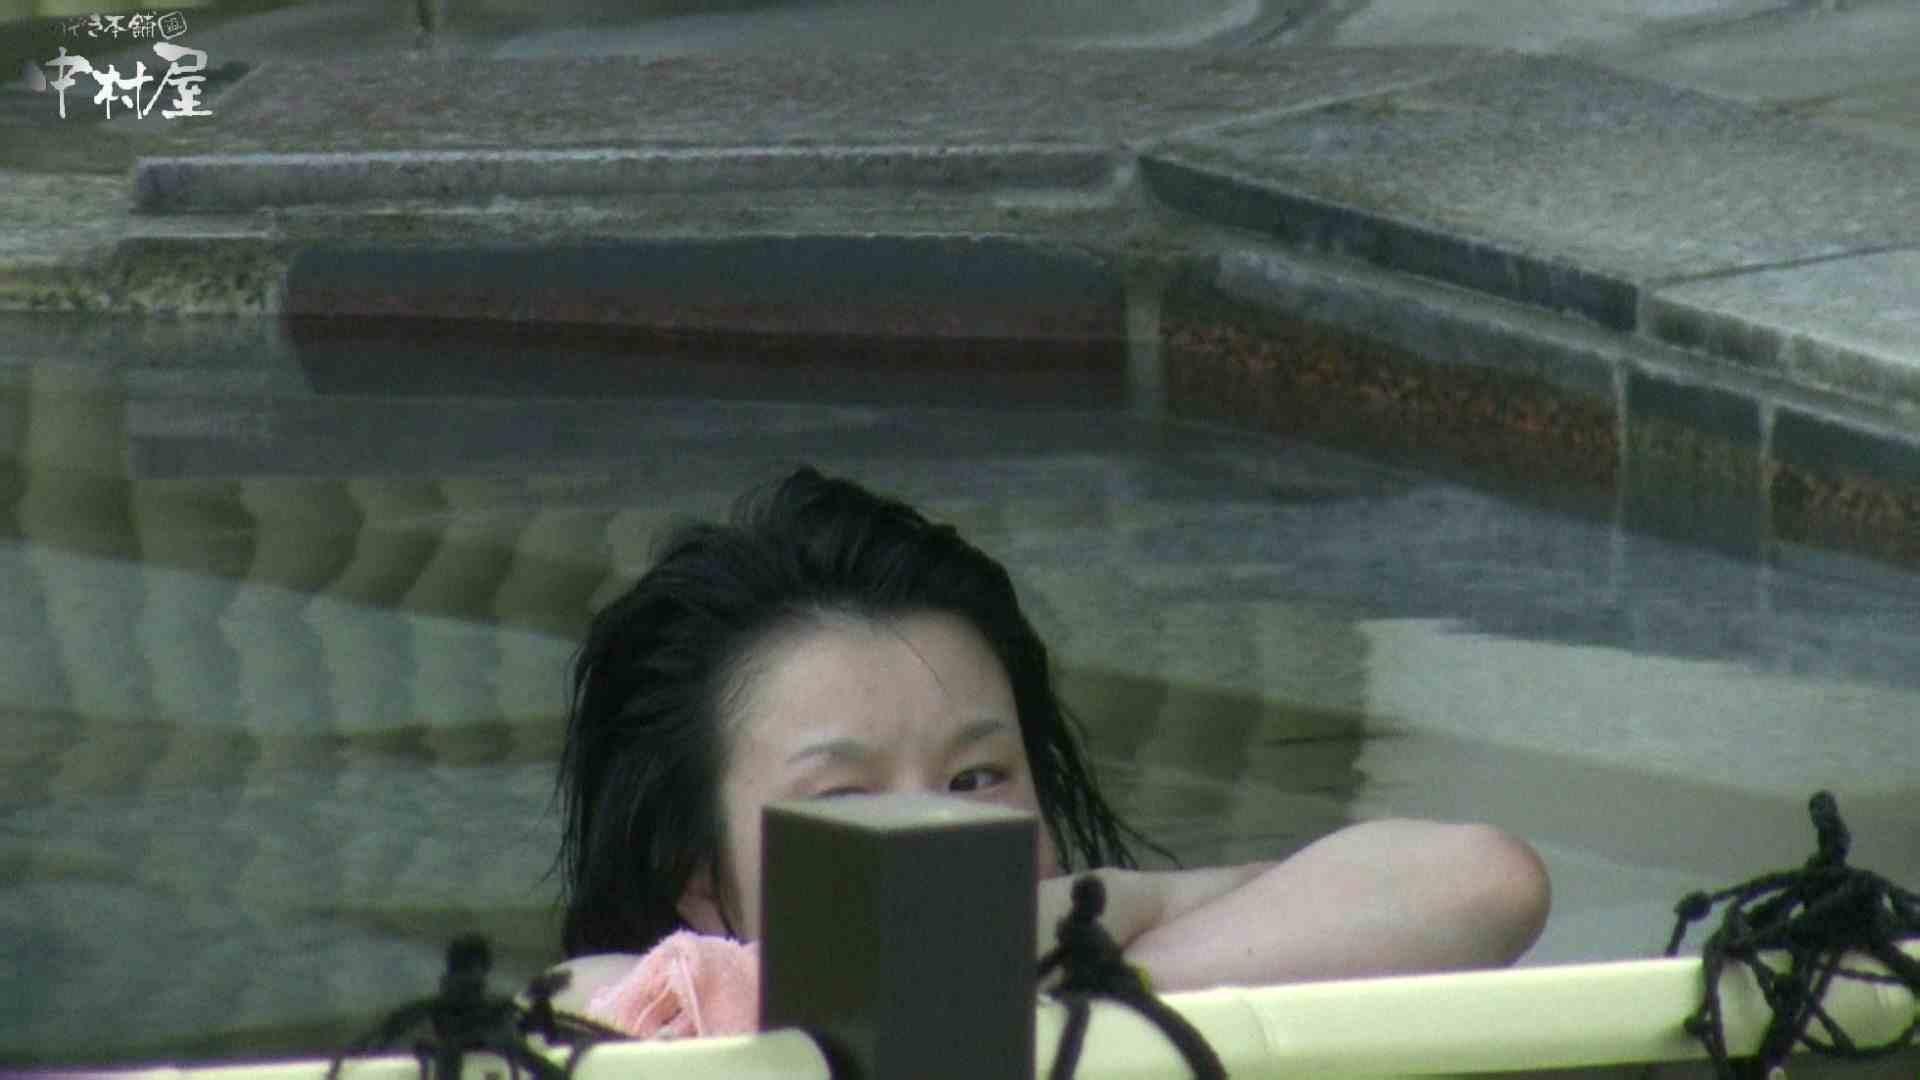 Aquaな露天風呂Vol.982 美しいOLの裸体  78pic 12